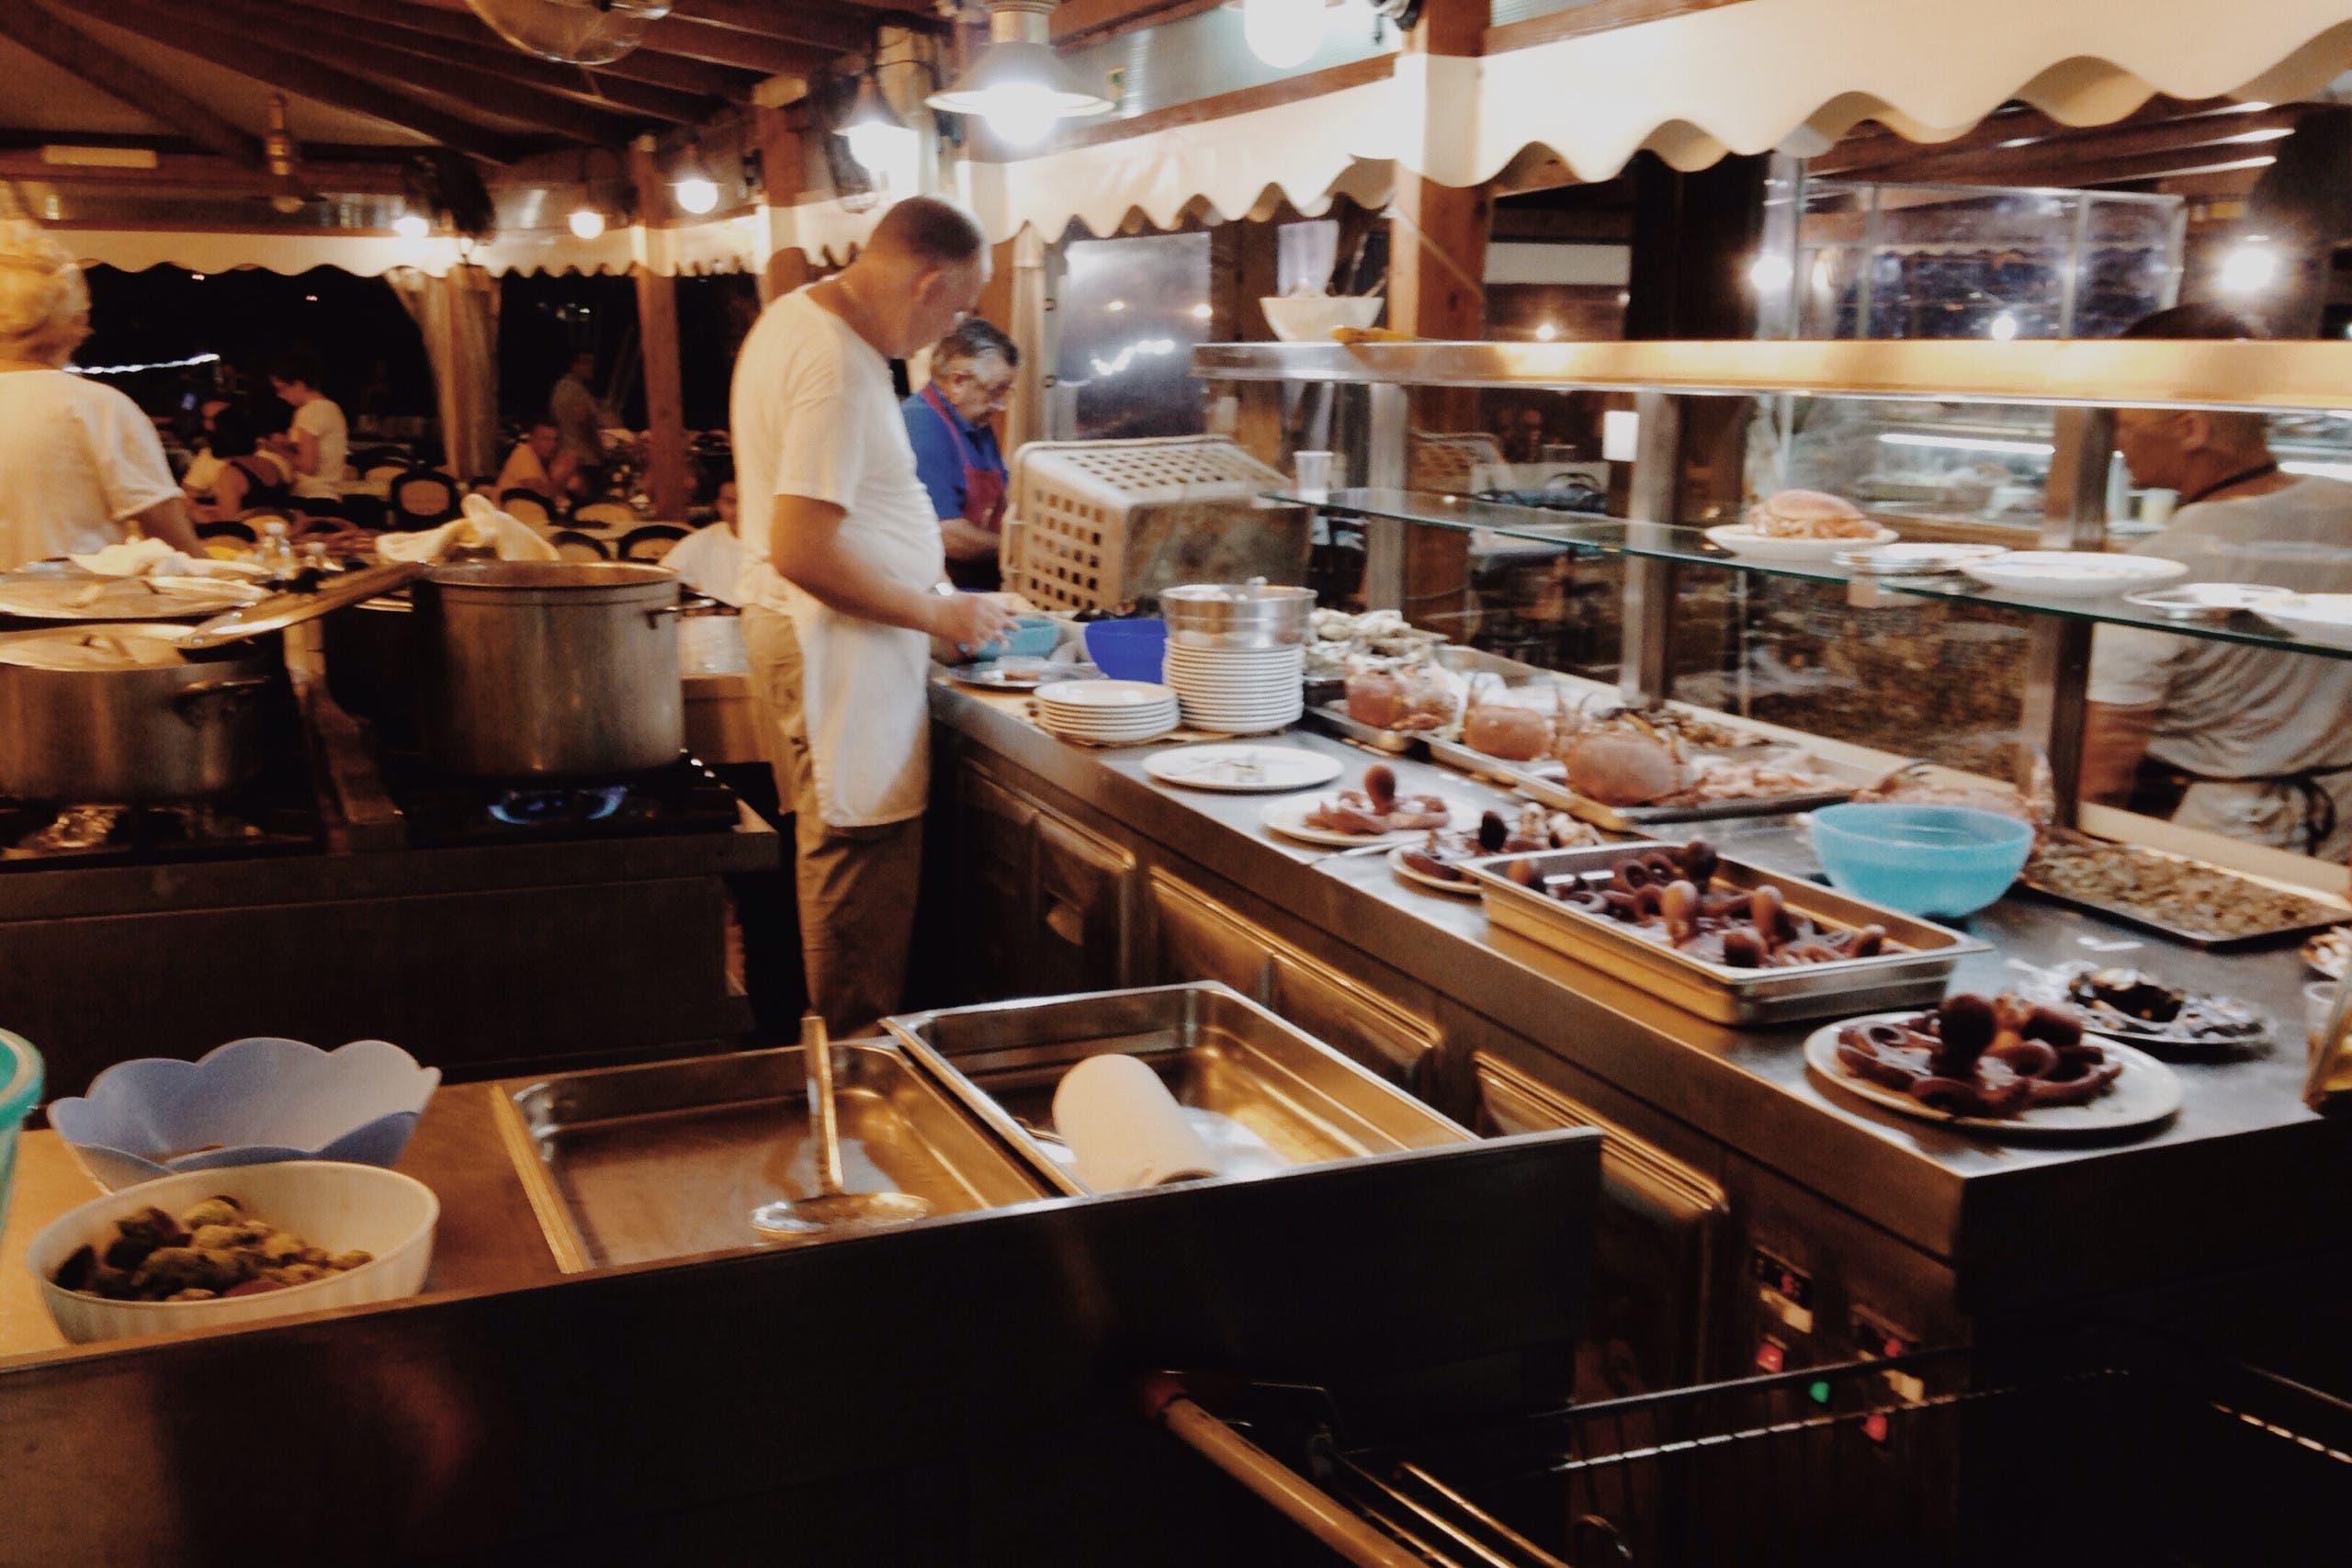 Open kitchen at a restaurant in Sferacavallo. (Yorva Tsiakara)